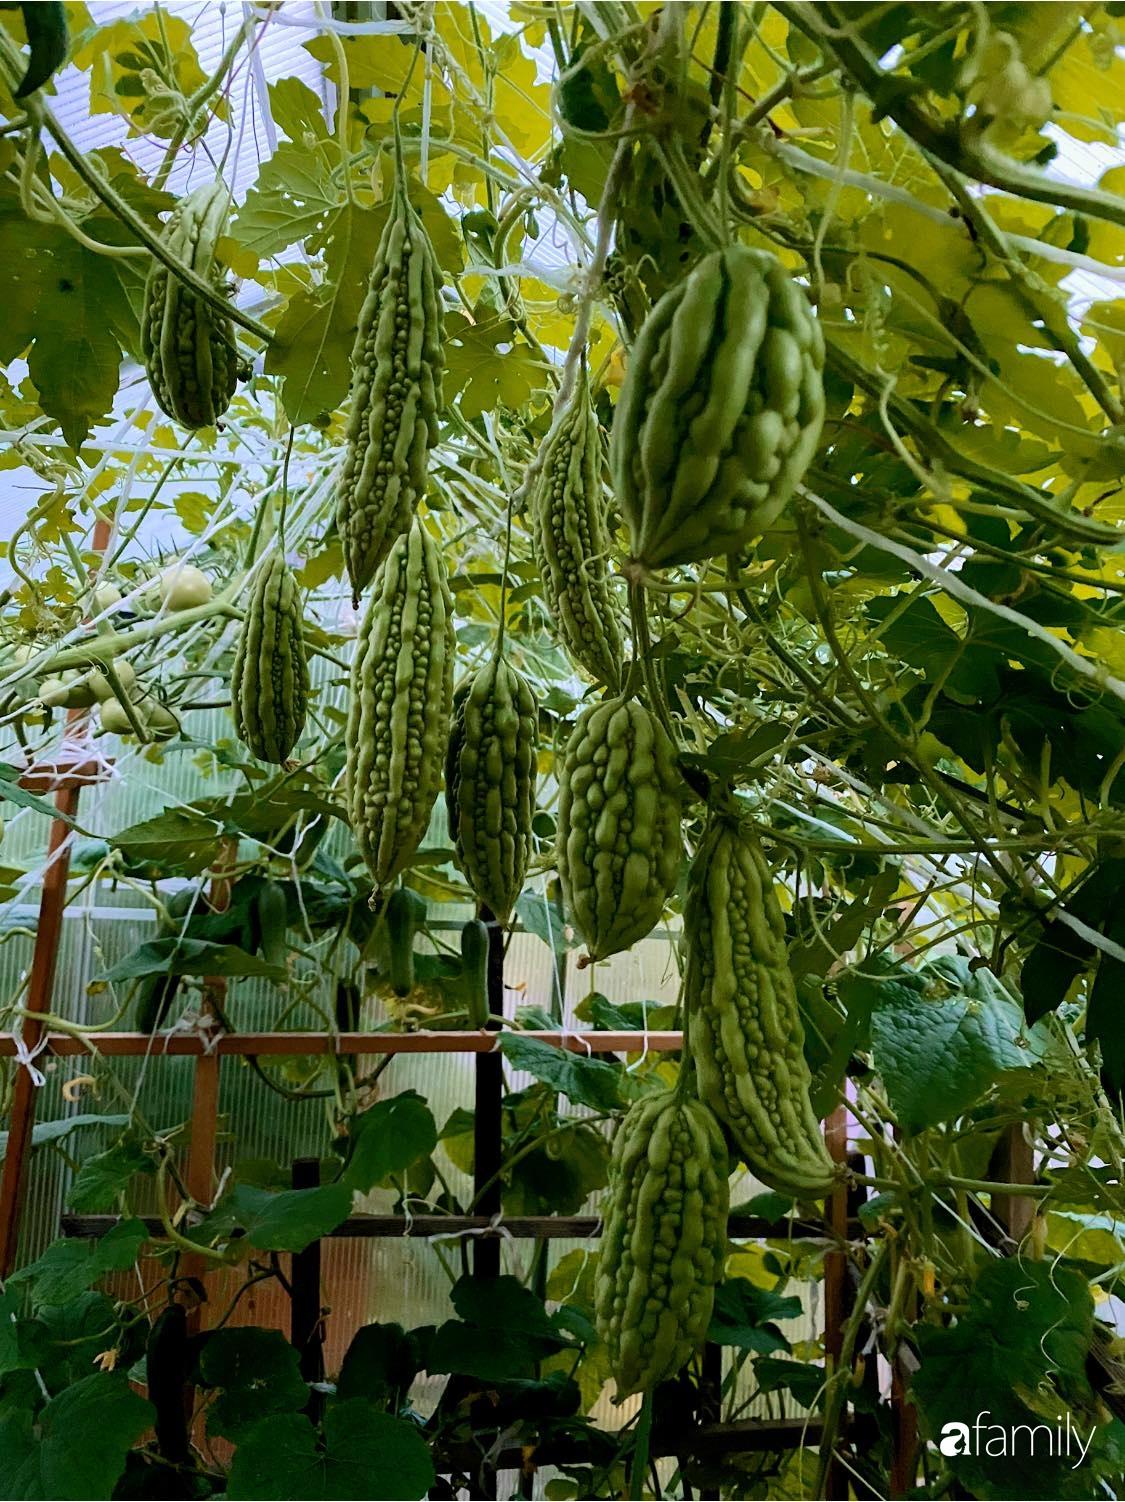 Khu vườn 200m² quanh năm xanh tươi với đủ loại rau quả sạch của mẹ Việt ở Đức - Ảnh 5.